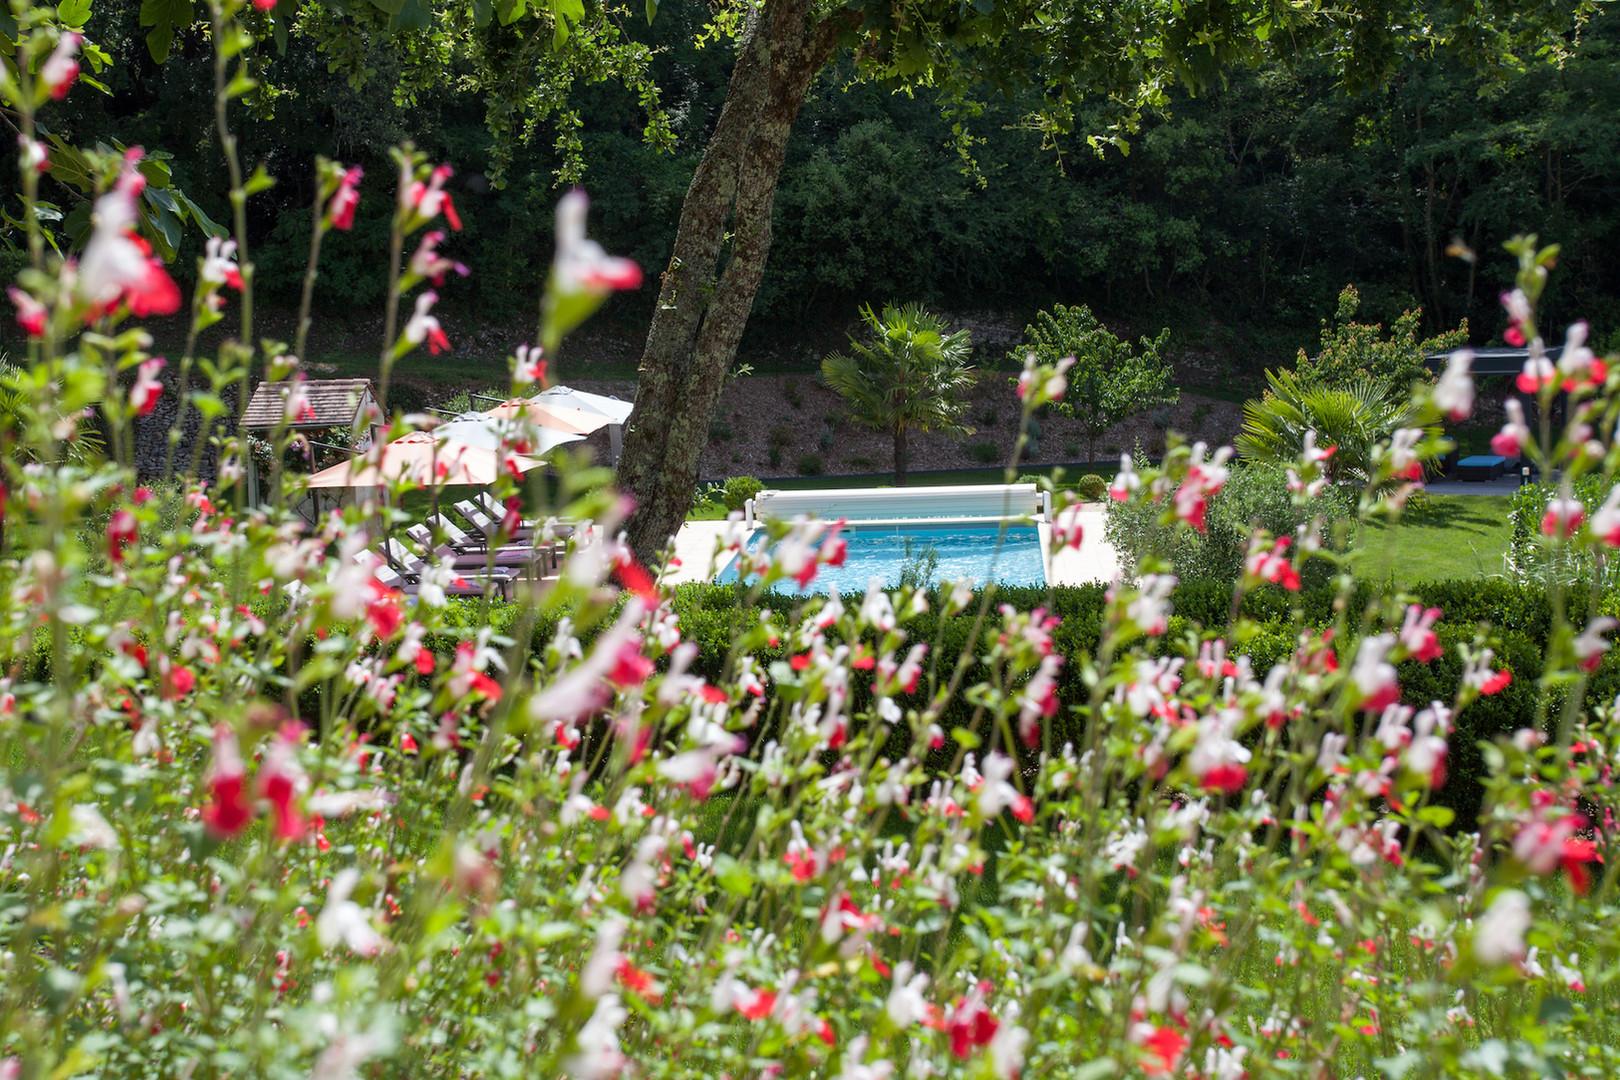 maison-hotes-de-charme-chambre-suite-terrasse-vue-piscine-la-roque-gageac-sarlat.jpg